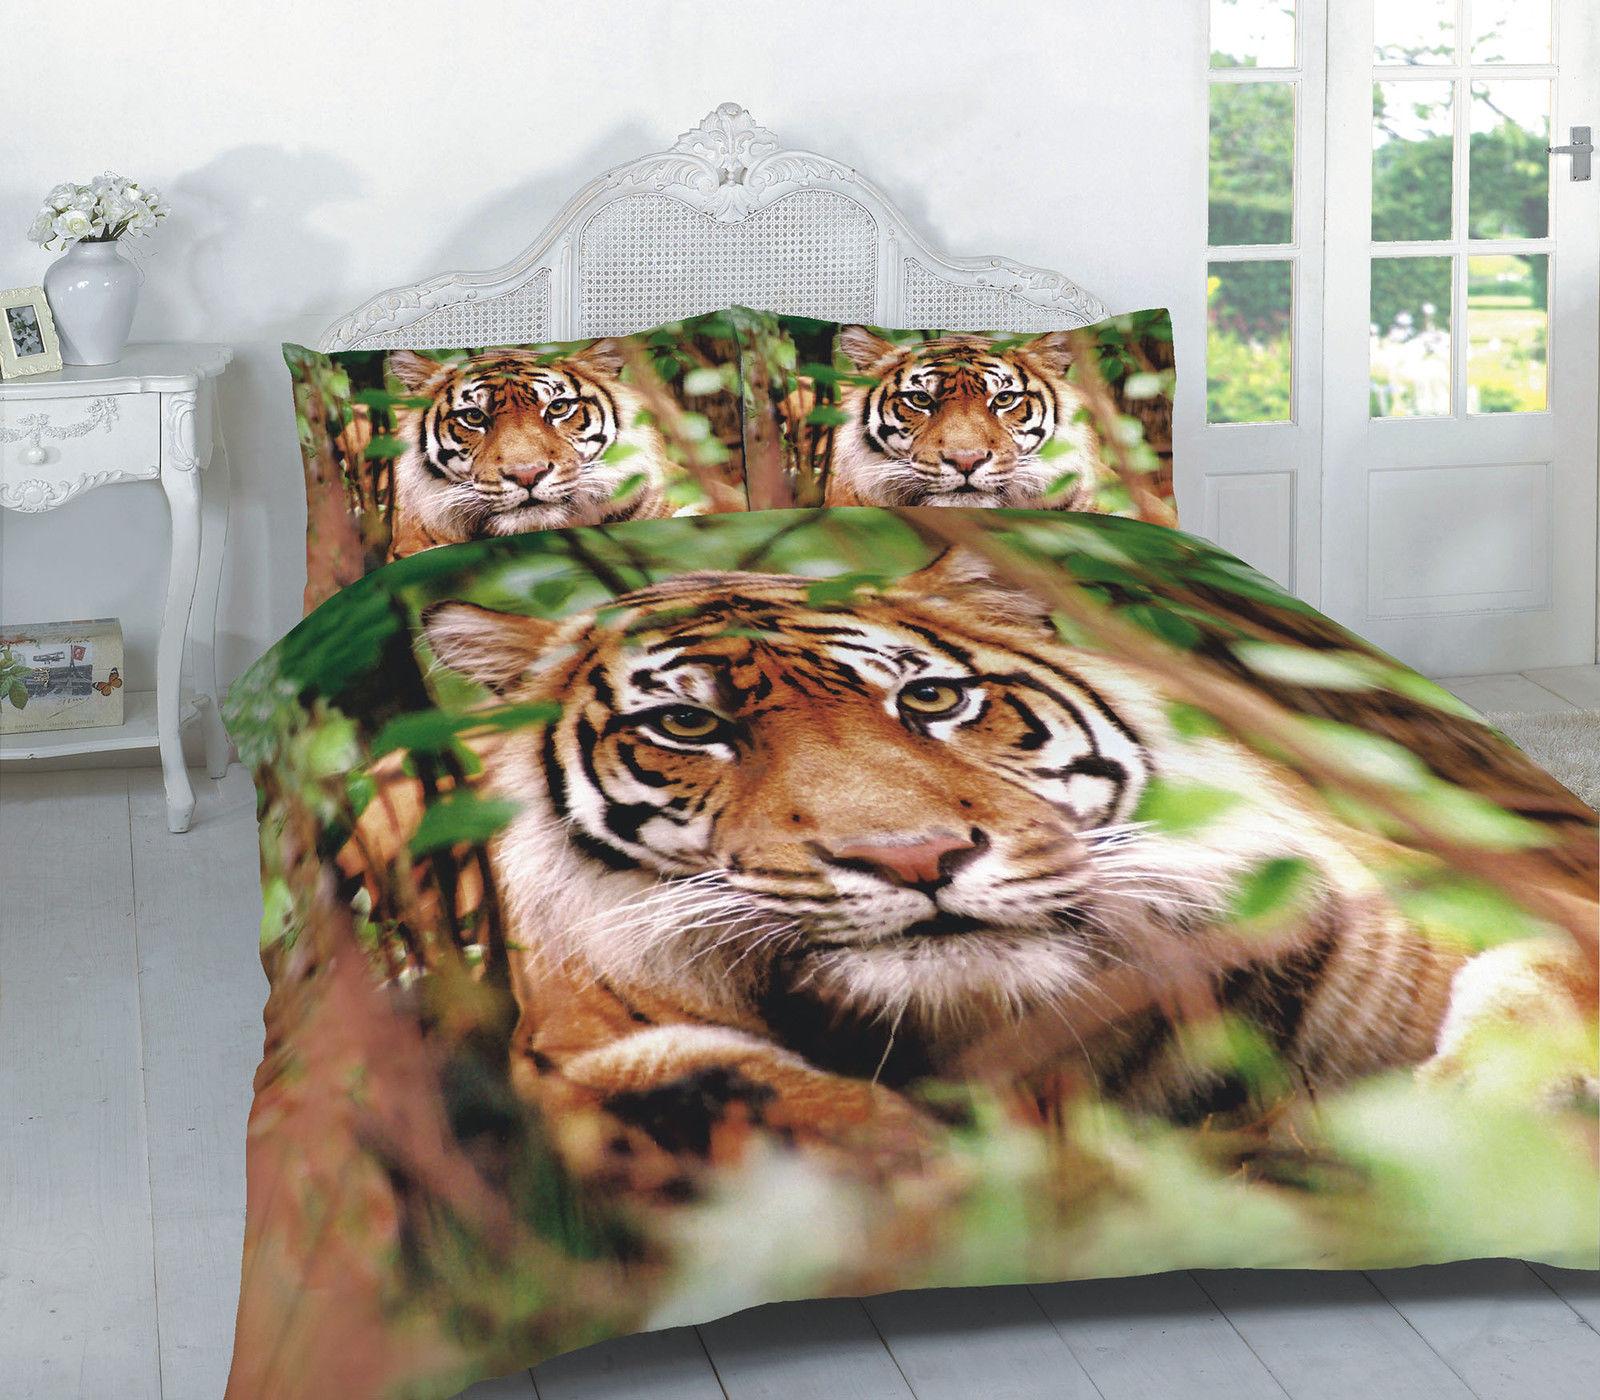 Animal Tiger Effect Duvet Cover Bedding Set